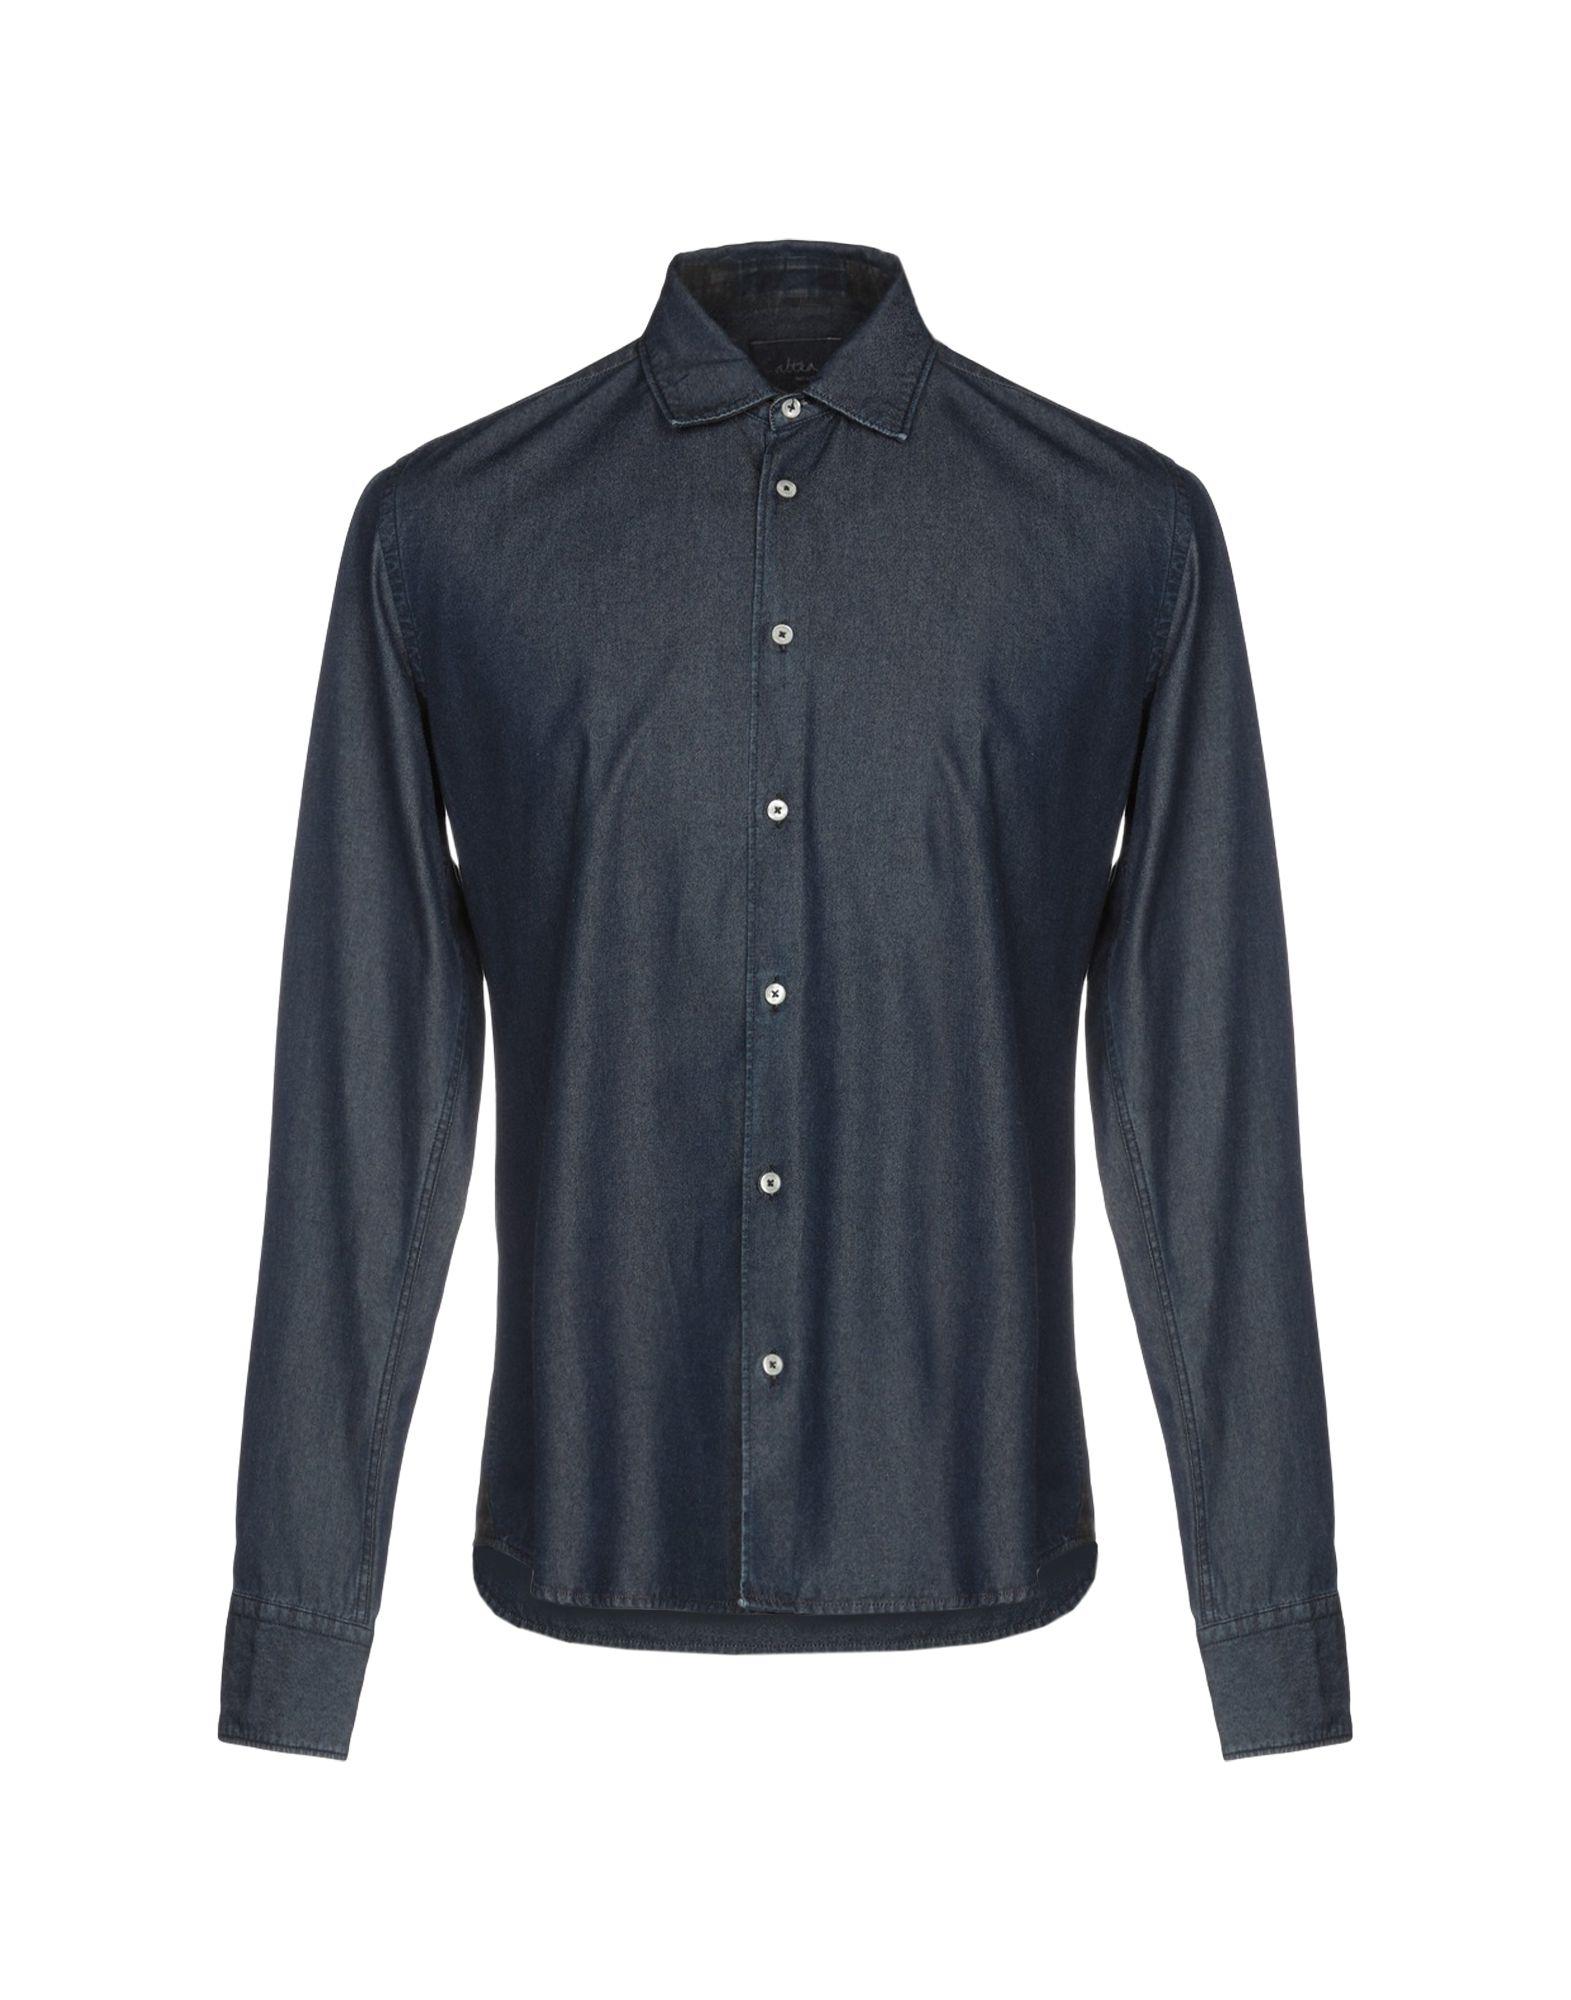 ALTEA Джинсовая рубашка рубашка джинсовая с рисунком сердце 3 12 лет